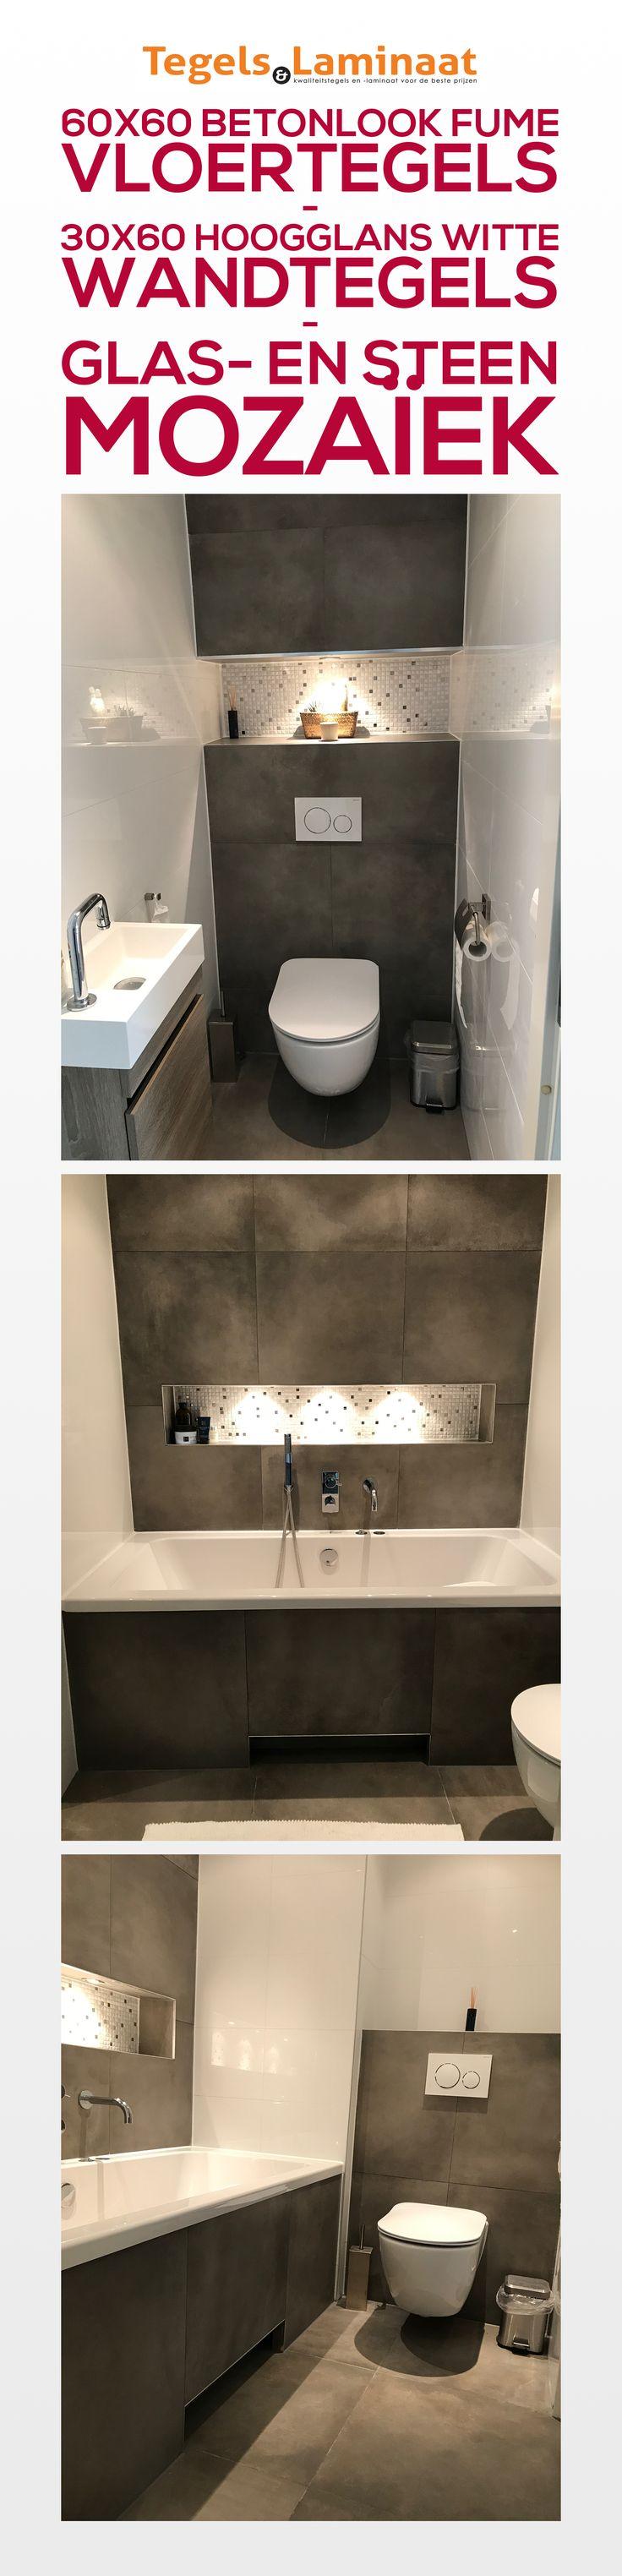 Resultaat van een zeer tevreden klant. De badkamer en toilet is voorzien van 60x60 Betonlook Fume Vloertegels, 30x60 Witte Hoogglans Wandtegels en de nisjes zijn voorzien van Spots en onze exclusieve Glas- en Steenmozaïek met accenten van RVS-Metaal.  Bekijk onze website voor onze collectie Vloertegels, Wandtegels en Decortegels!